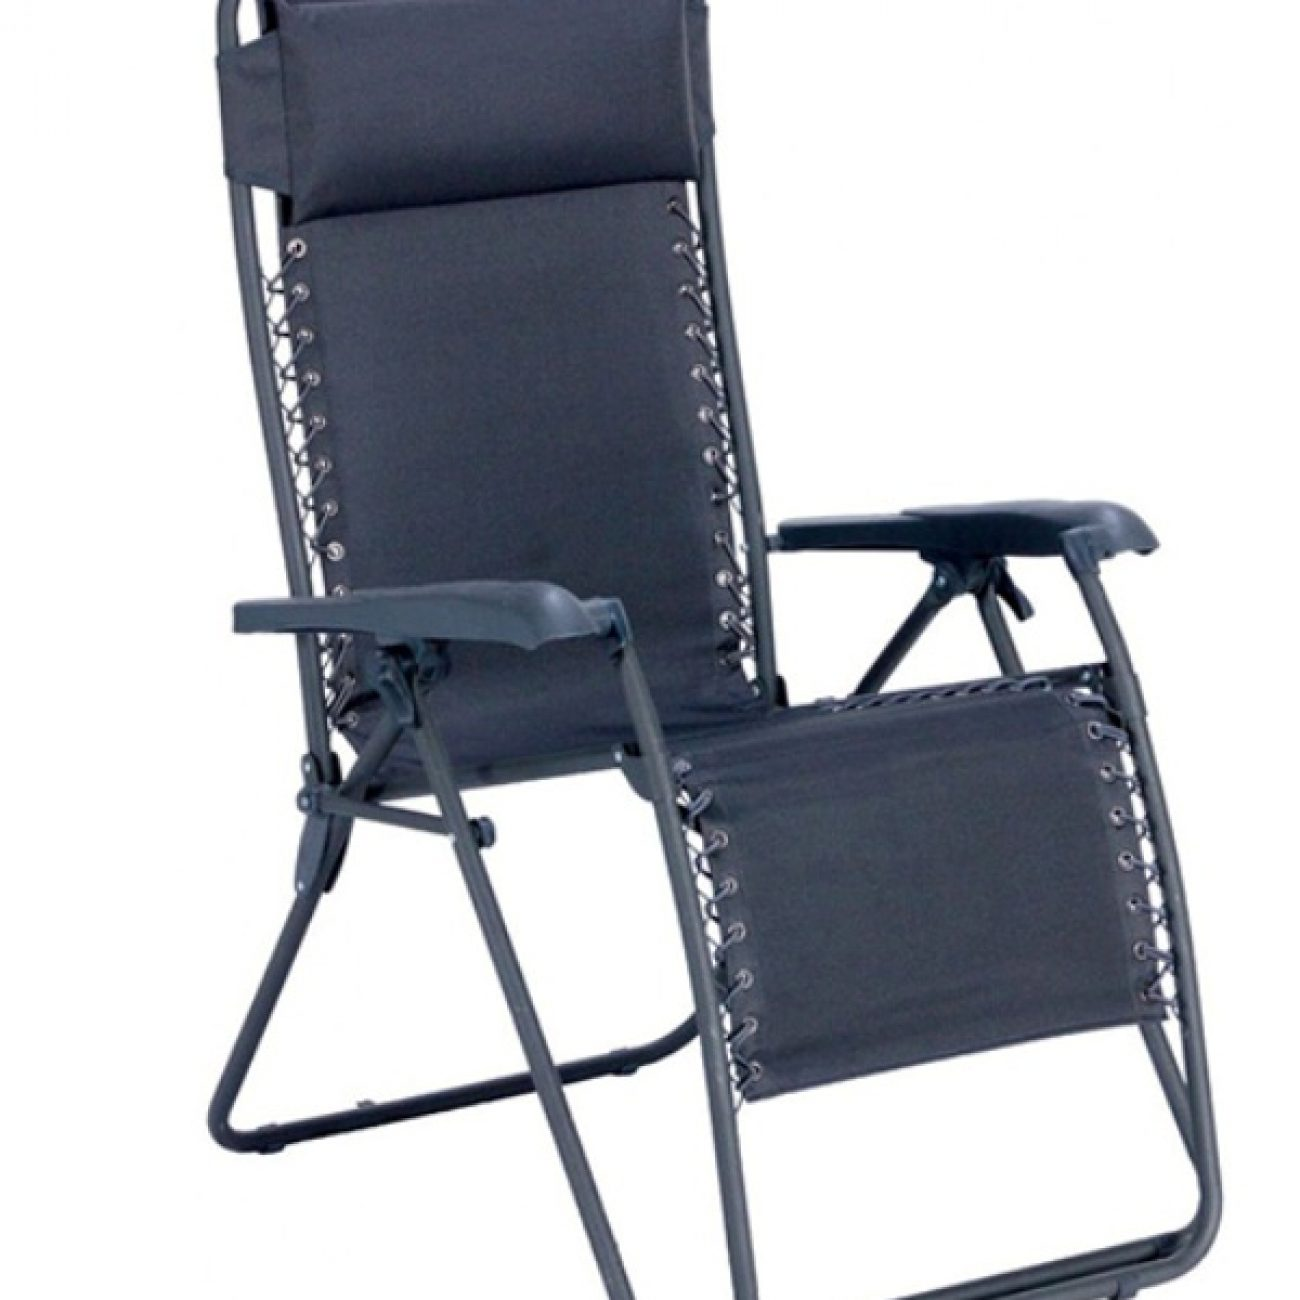 Πτυσσόμενη Πολυθρόνα – Ξαπλώστρα Relax Seat